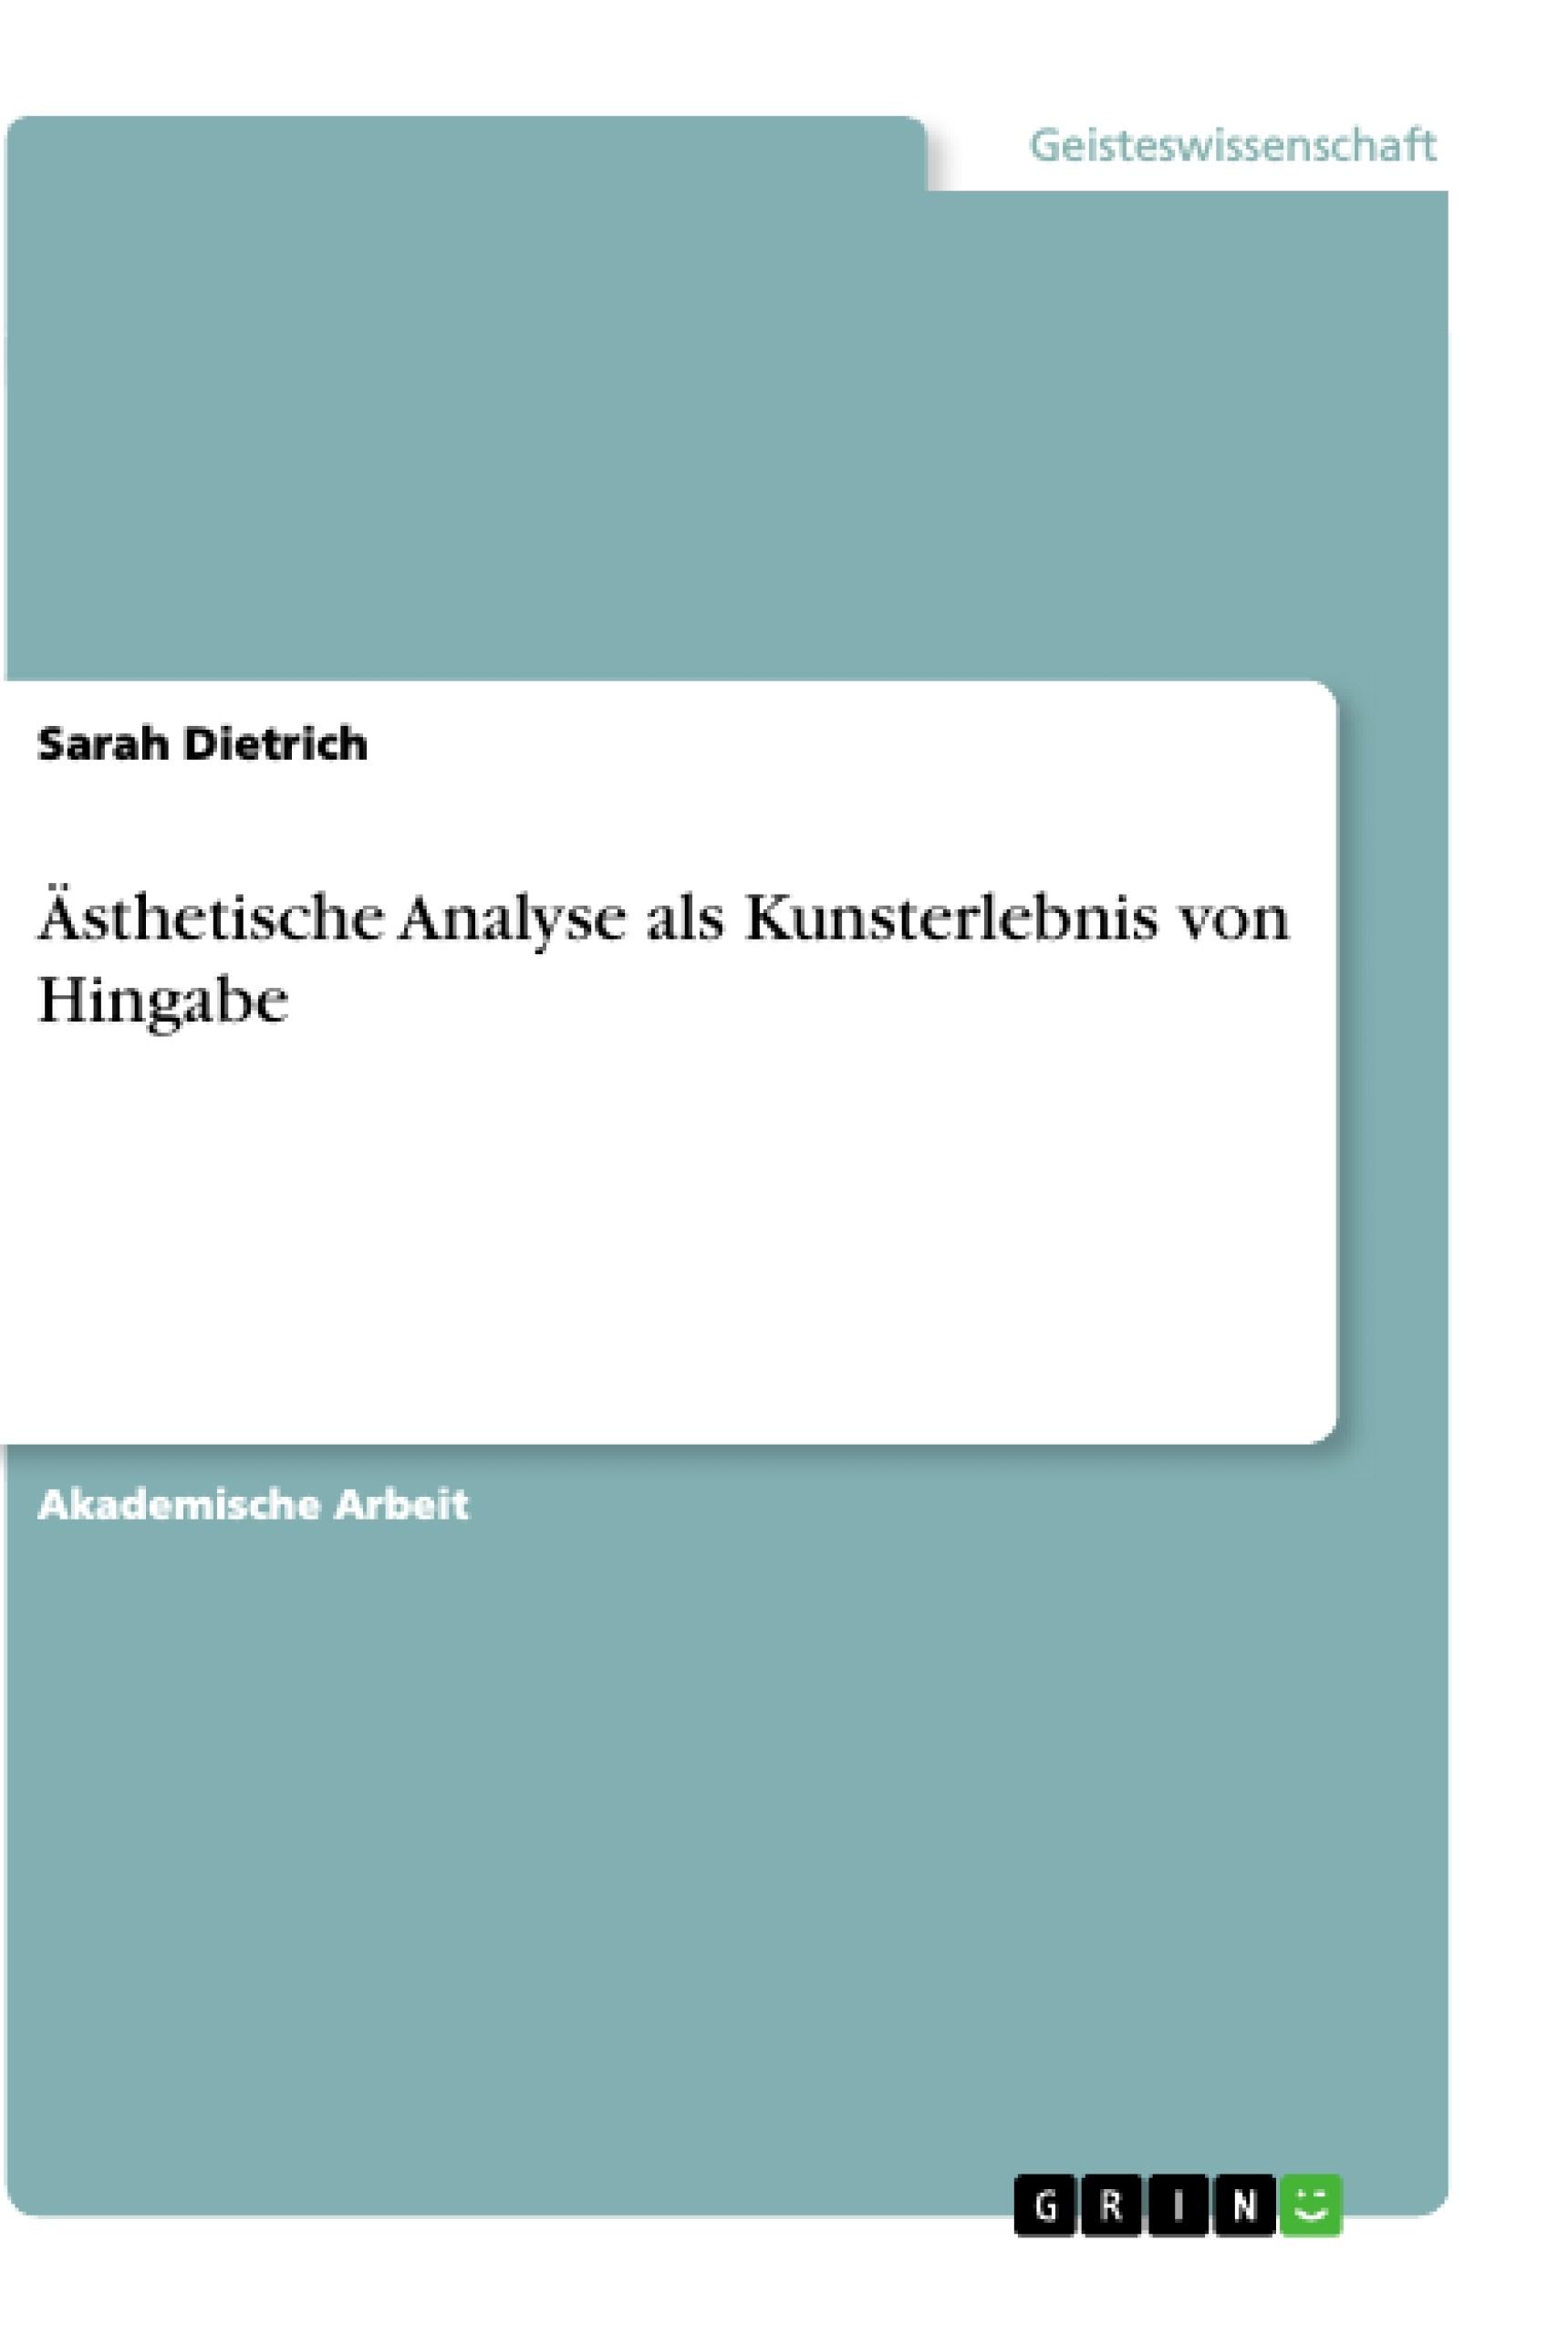 Titel: Ästhetische Analyse als Kunsterlebnis von Hingabe